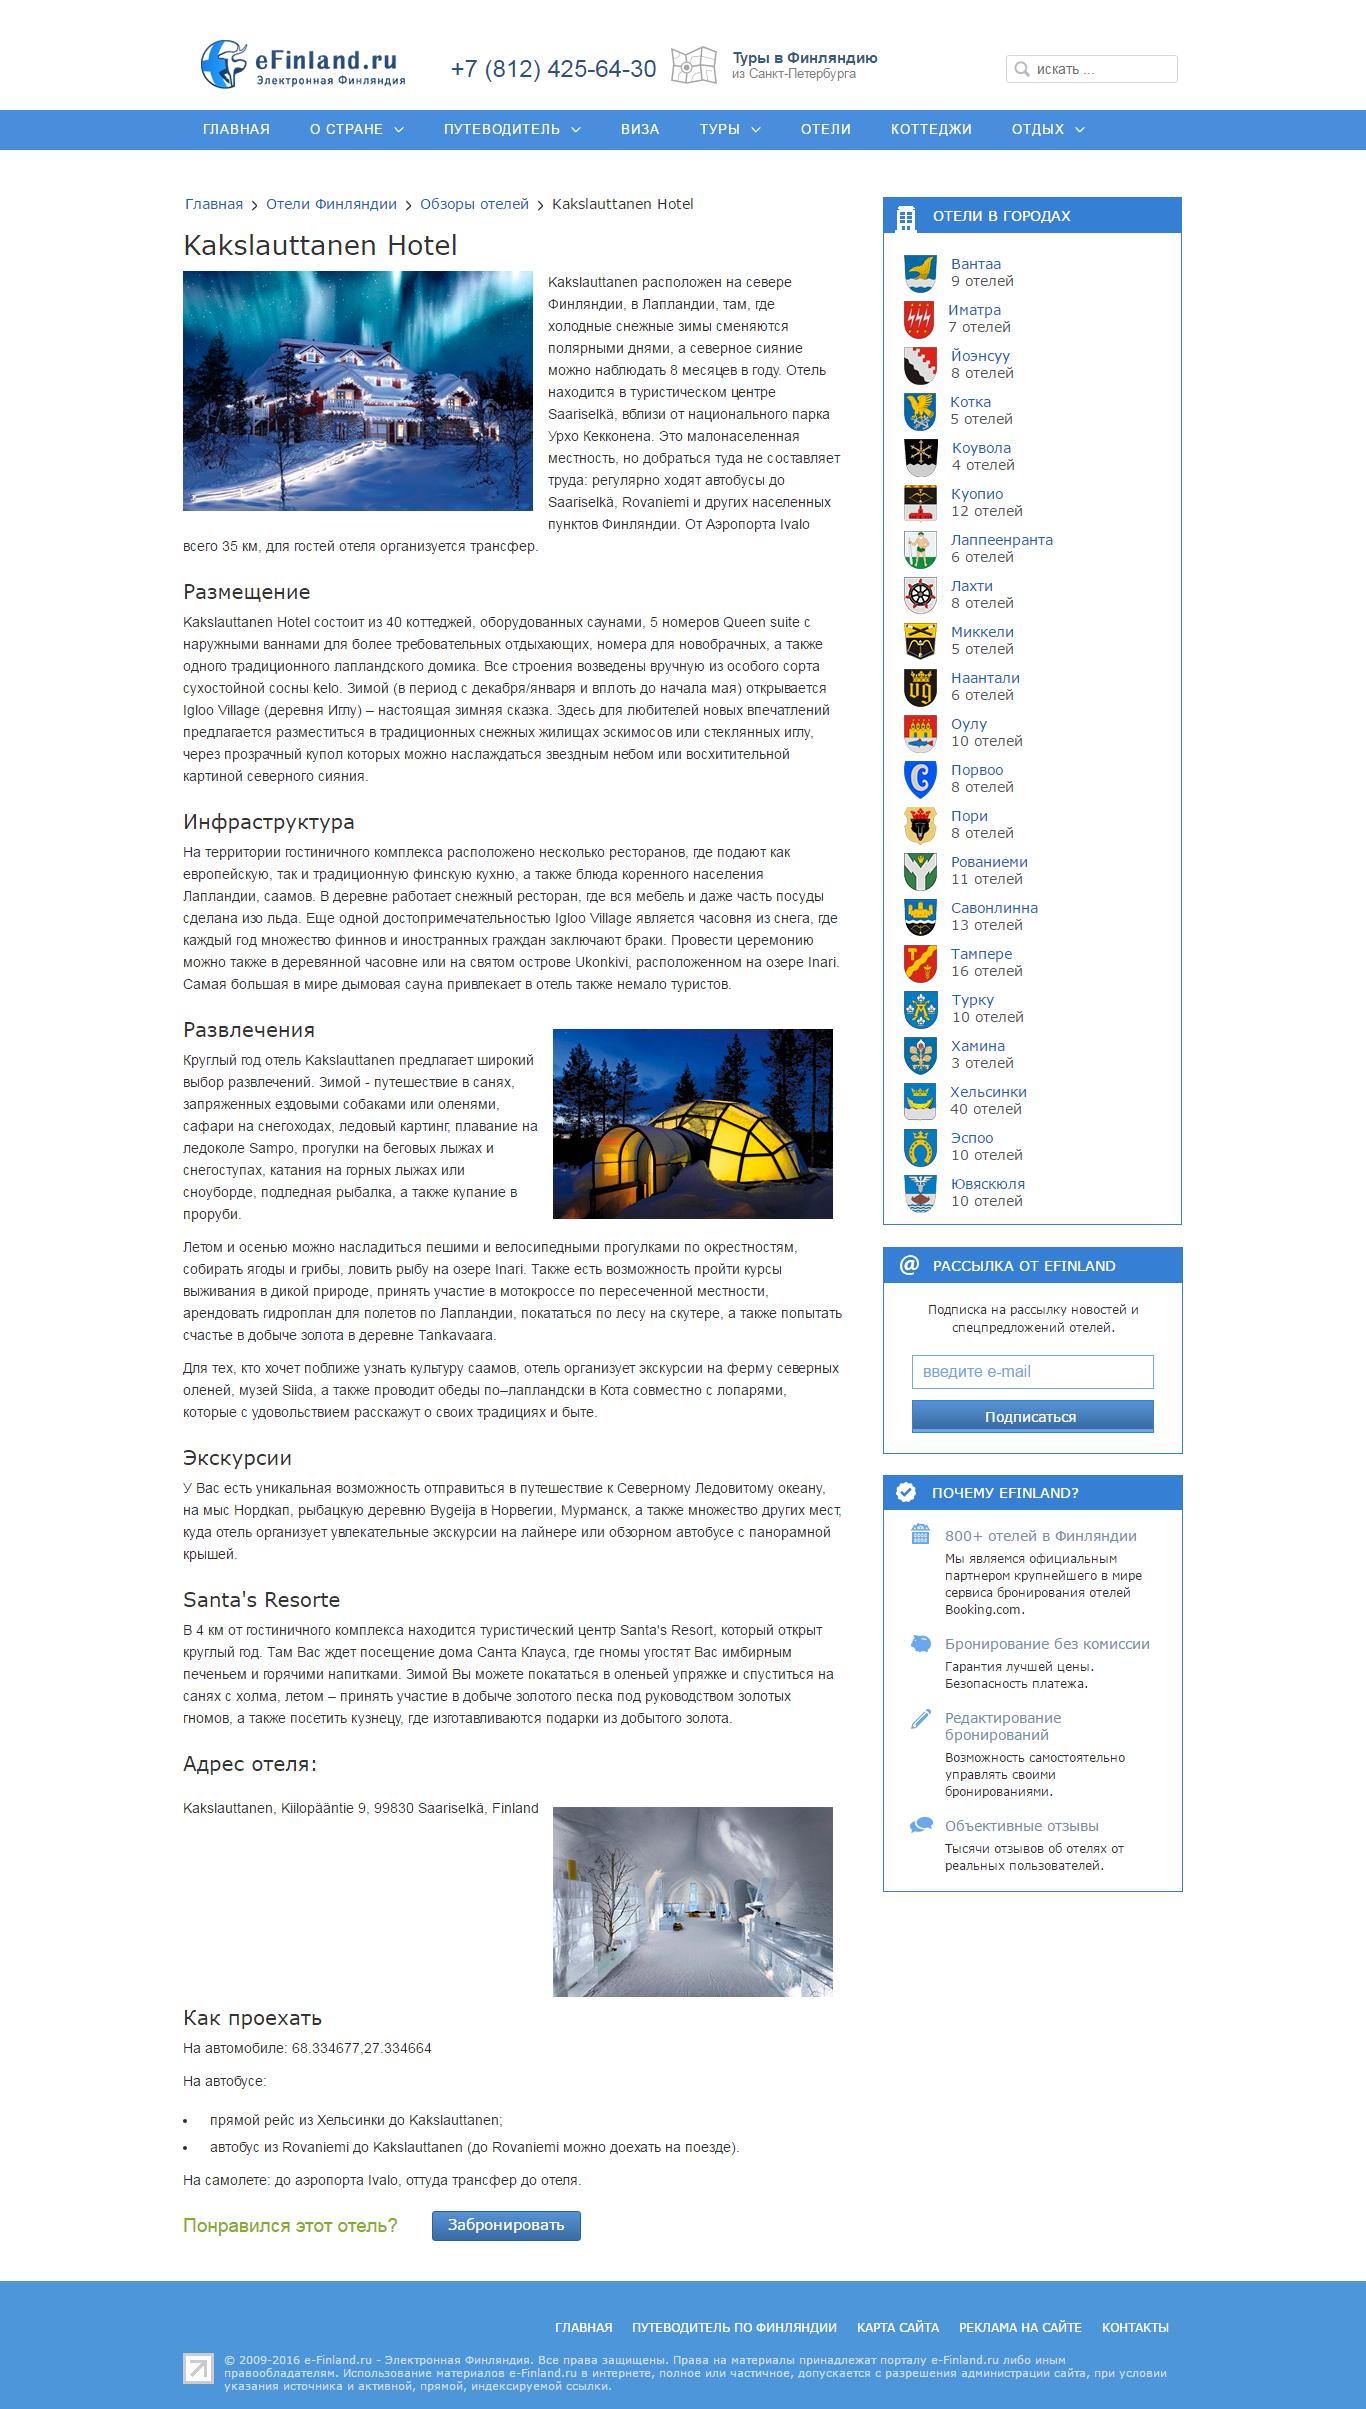 Статья о Kakslauttanen hotel для ресурса Электронная Финляндия